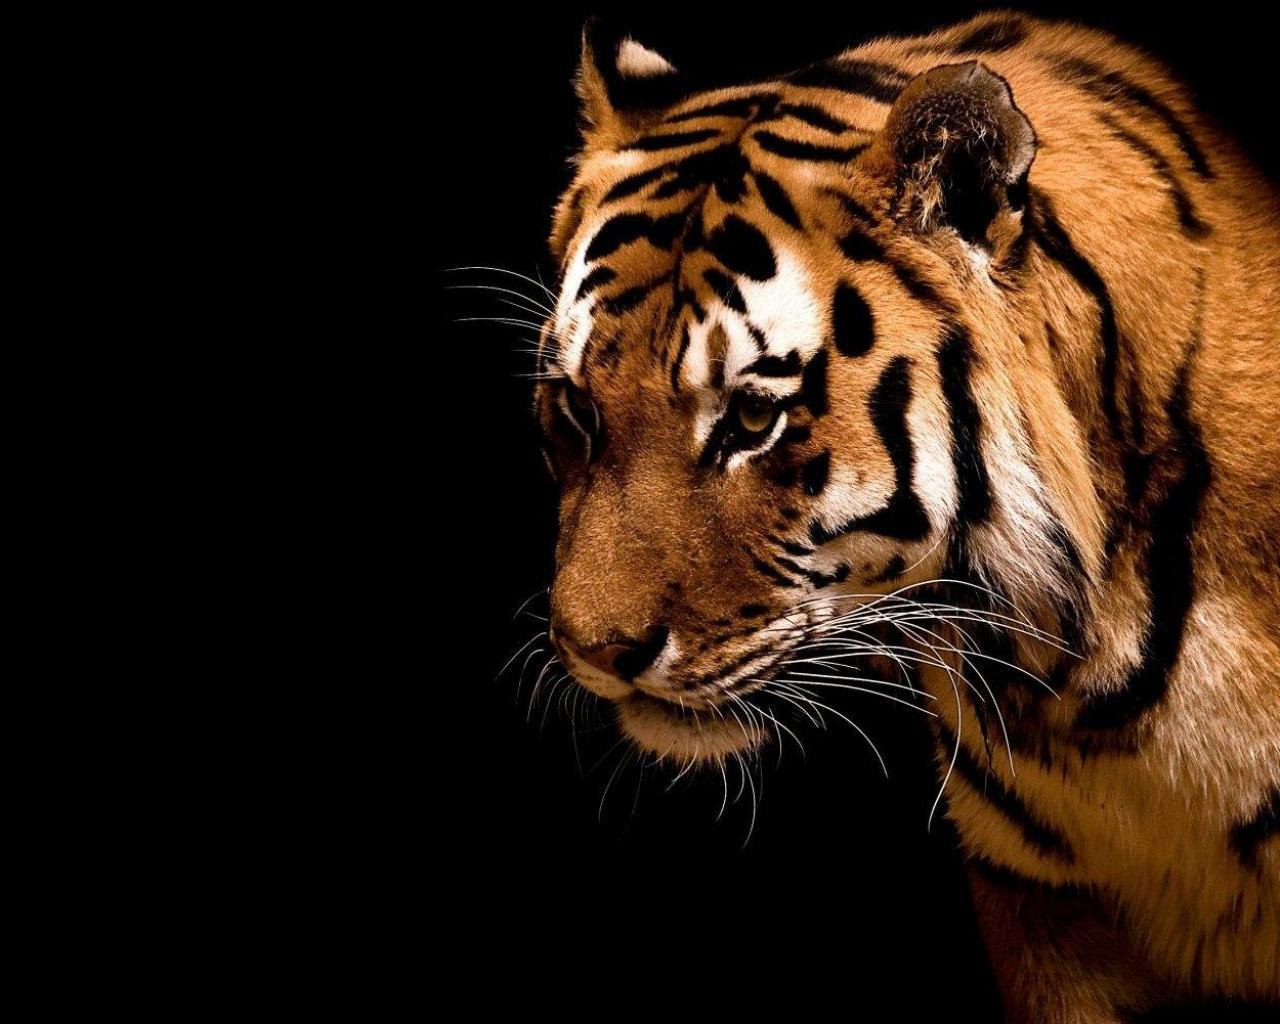 тигр, скачать фото бесплатно, обои на рабочий стол